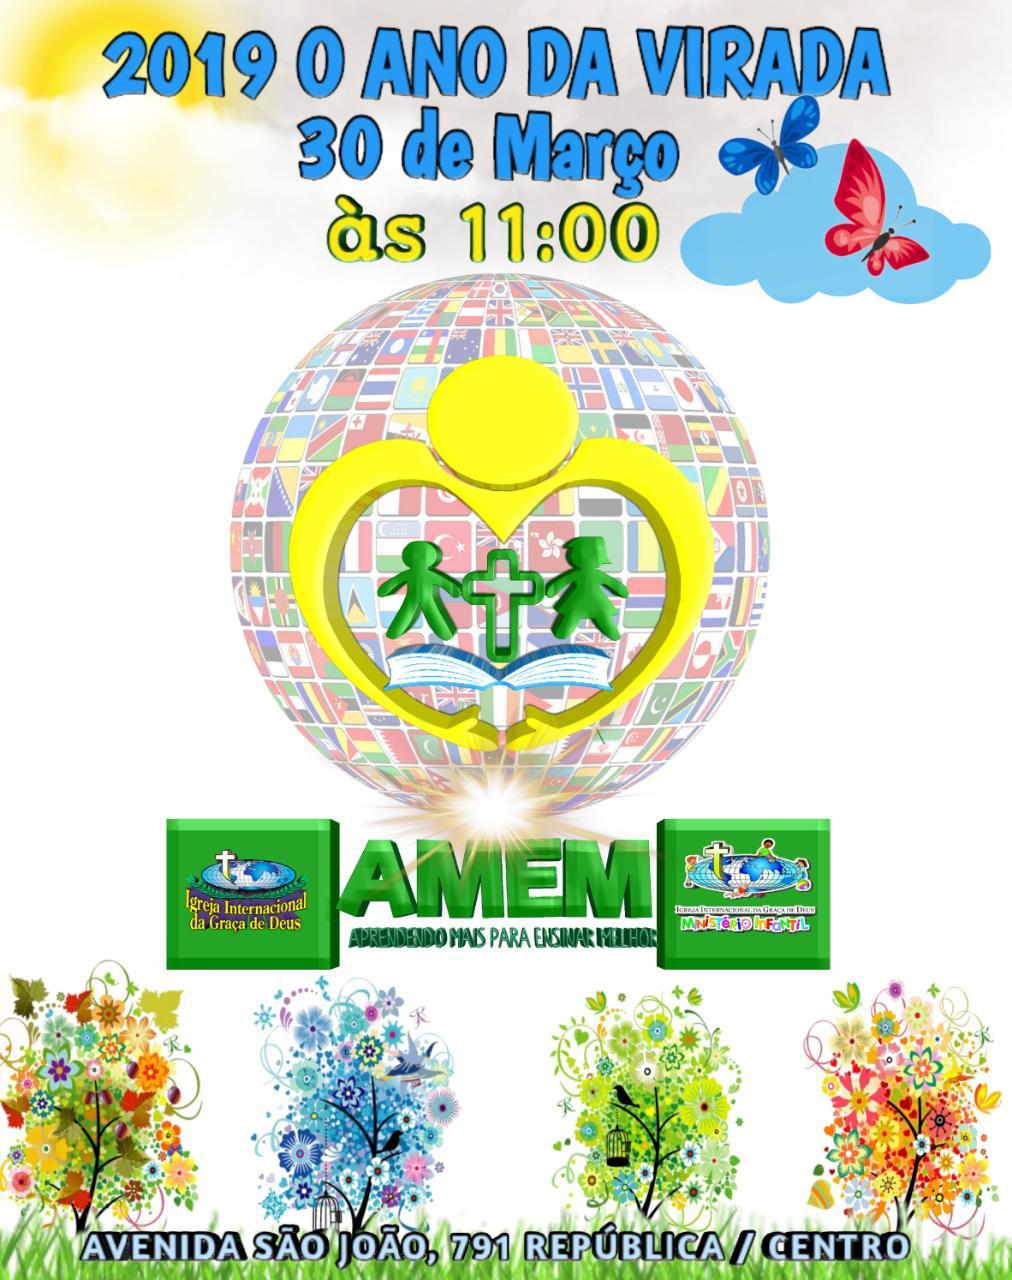 PRIMEIRO AMEM DE 2019